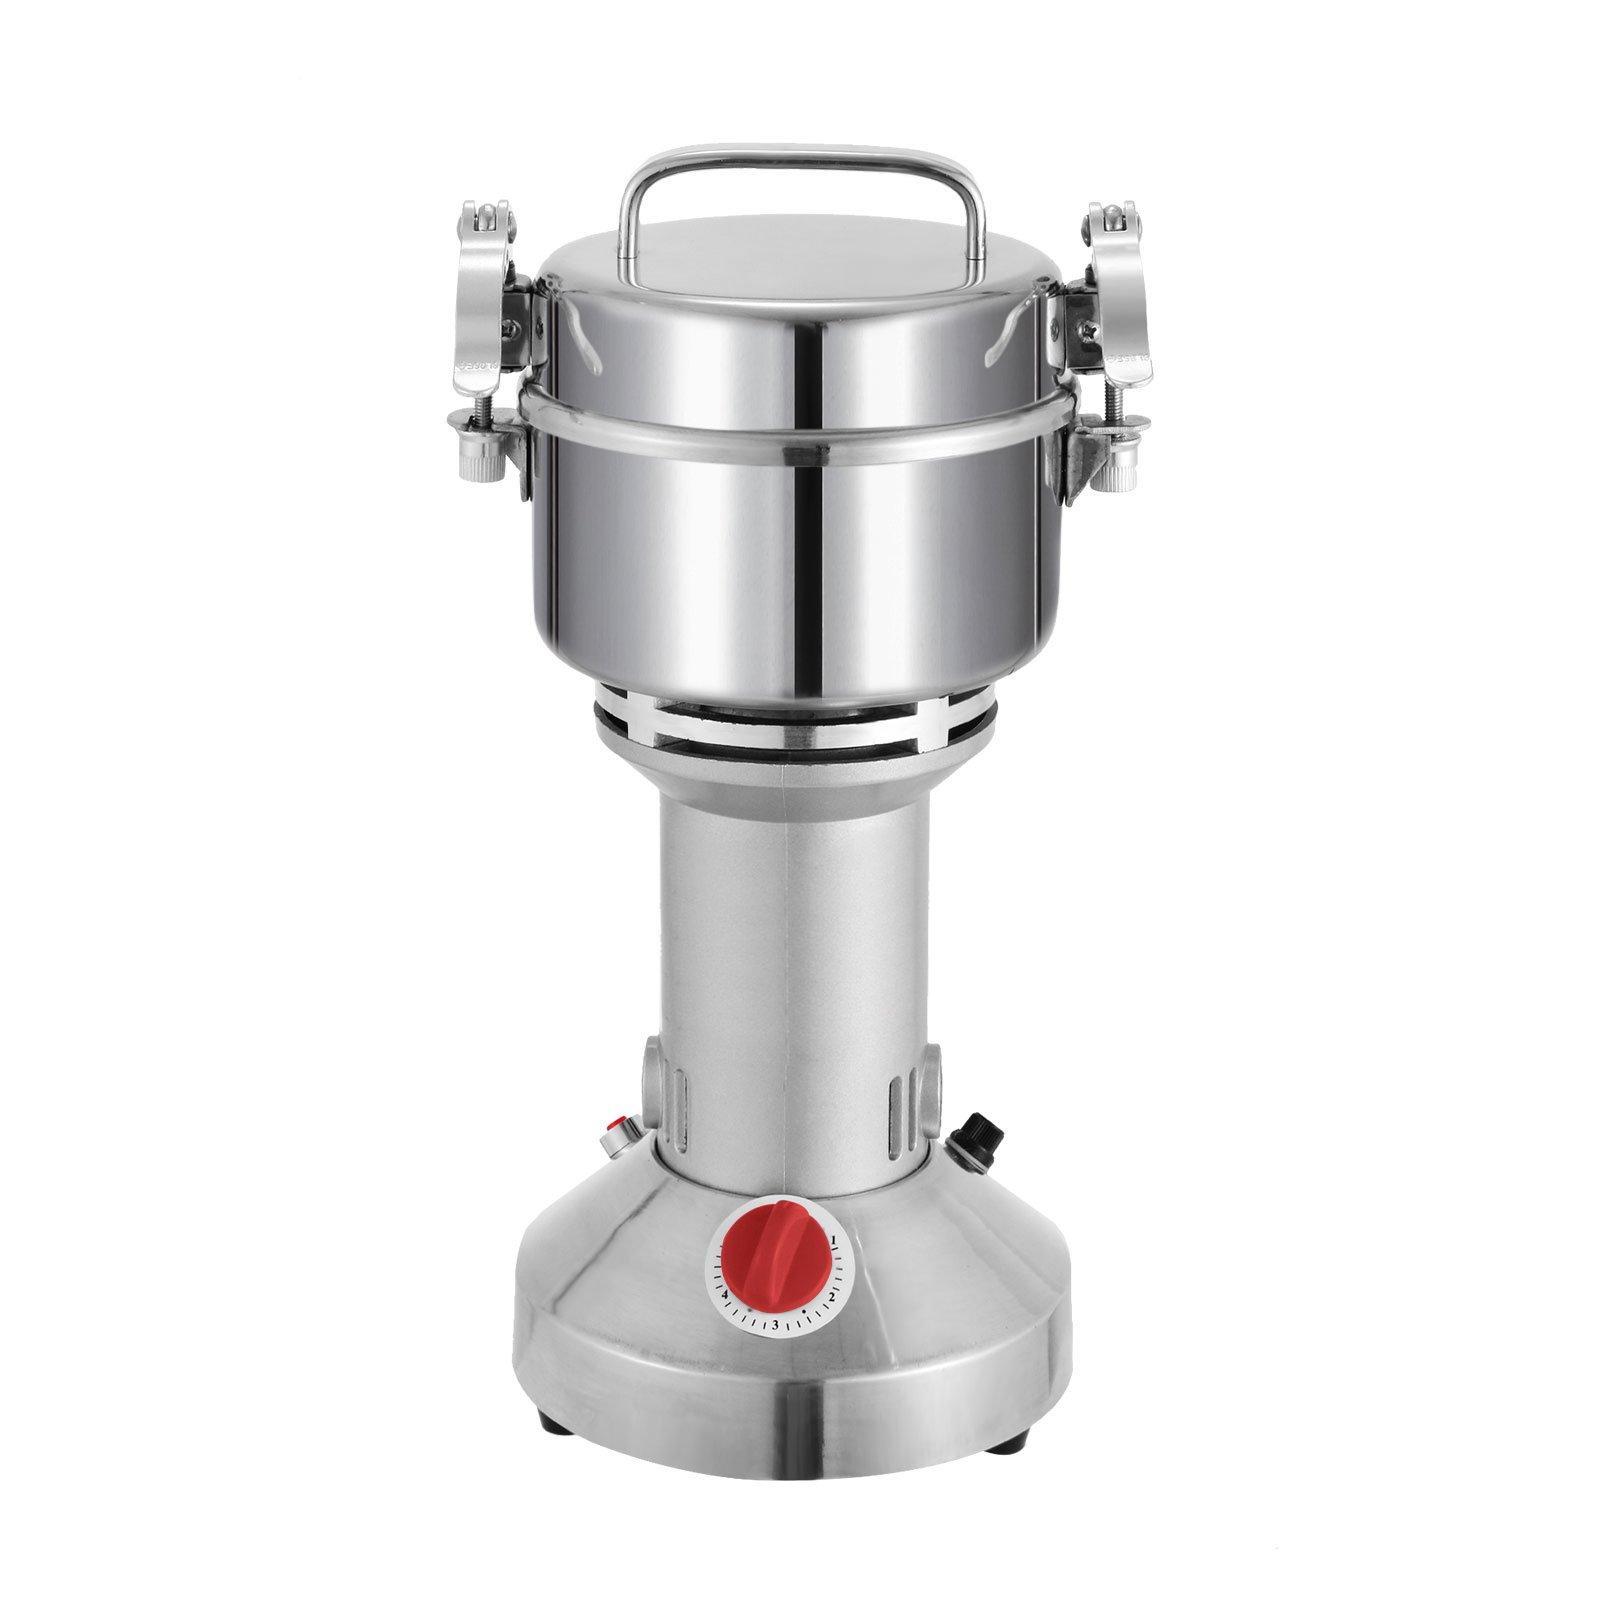 Mophorn Electric Grain Grinder 350g High Speed Pulverizer